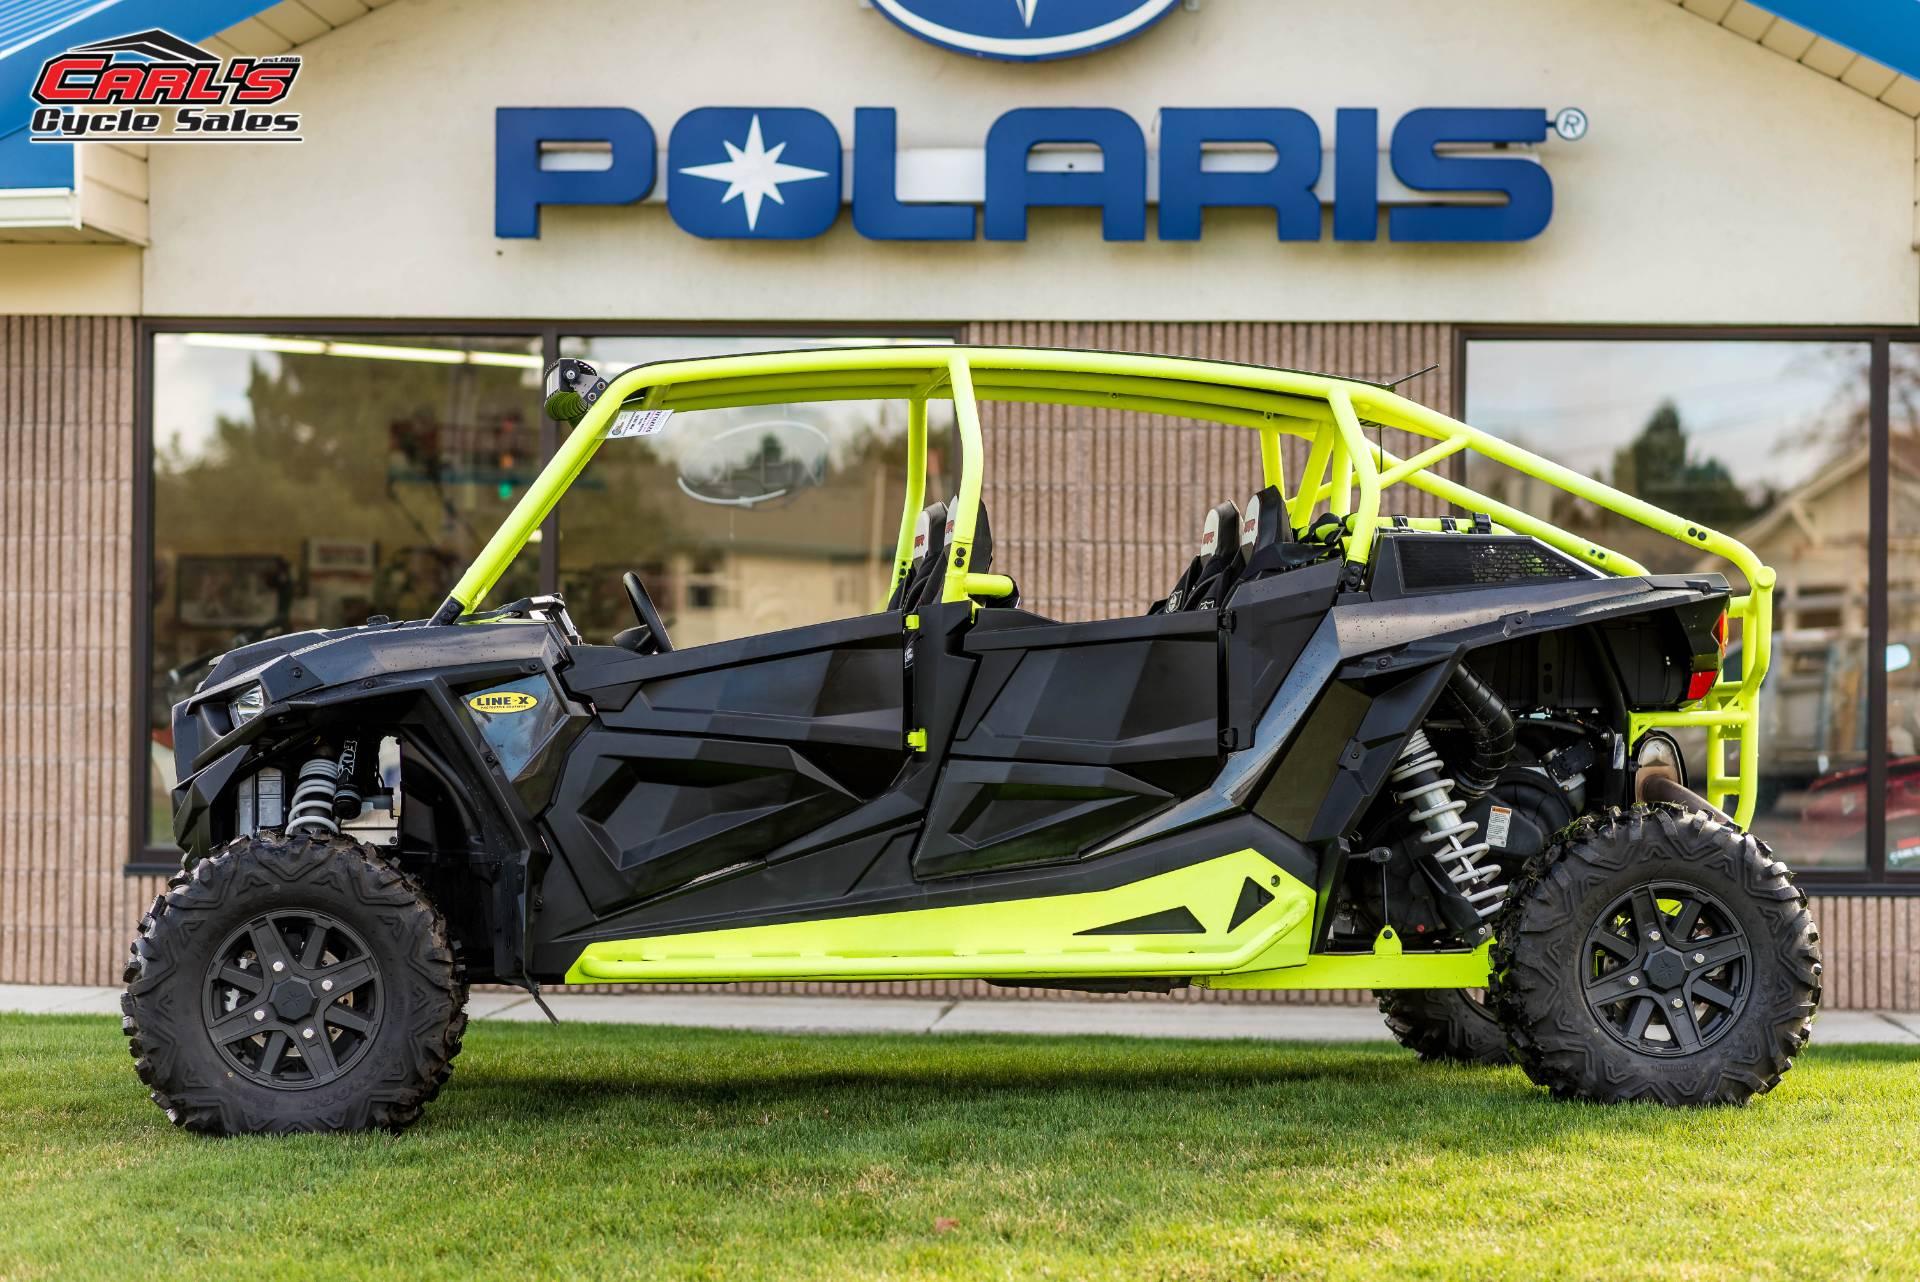 2016 Polaris RZR XP 4 Turbo EPS in Boise, Idaho